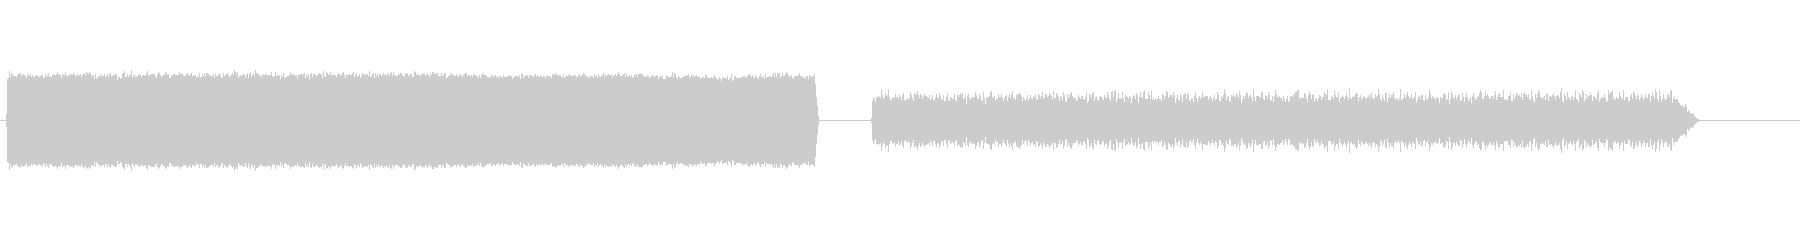 電気変圧器ハムの未再生の波形